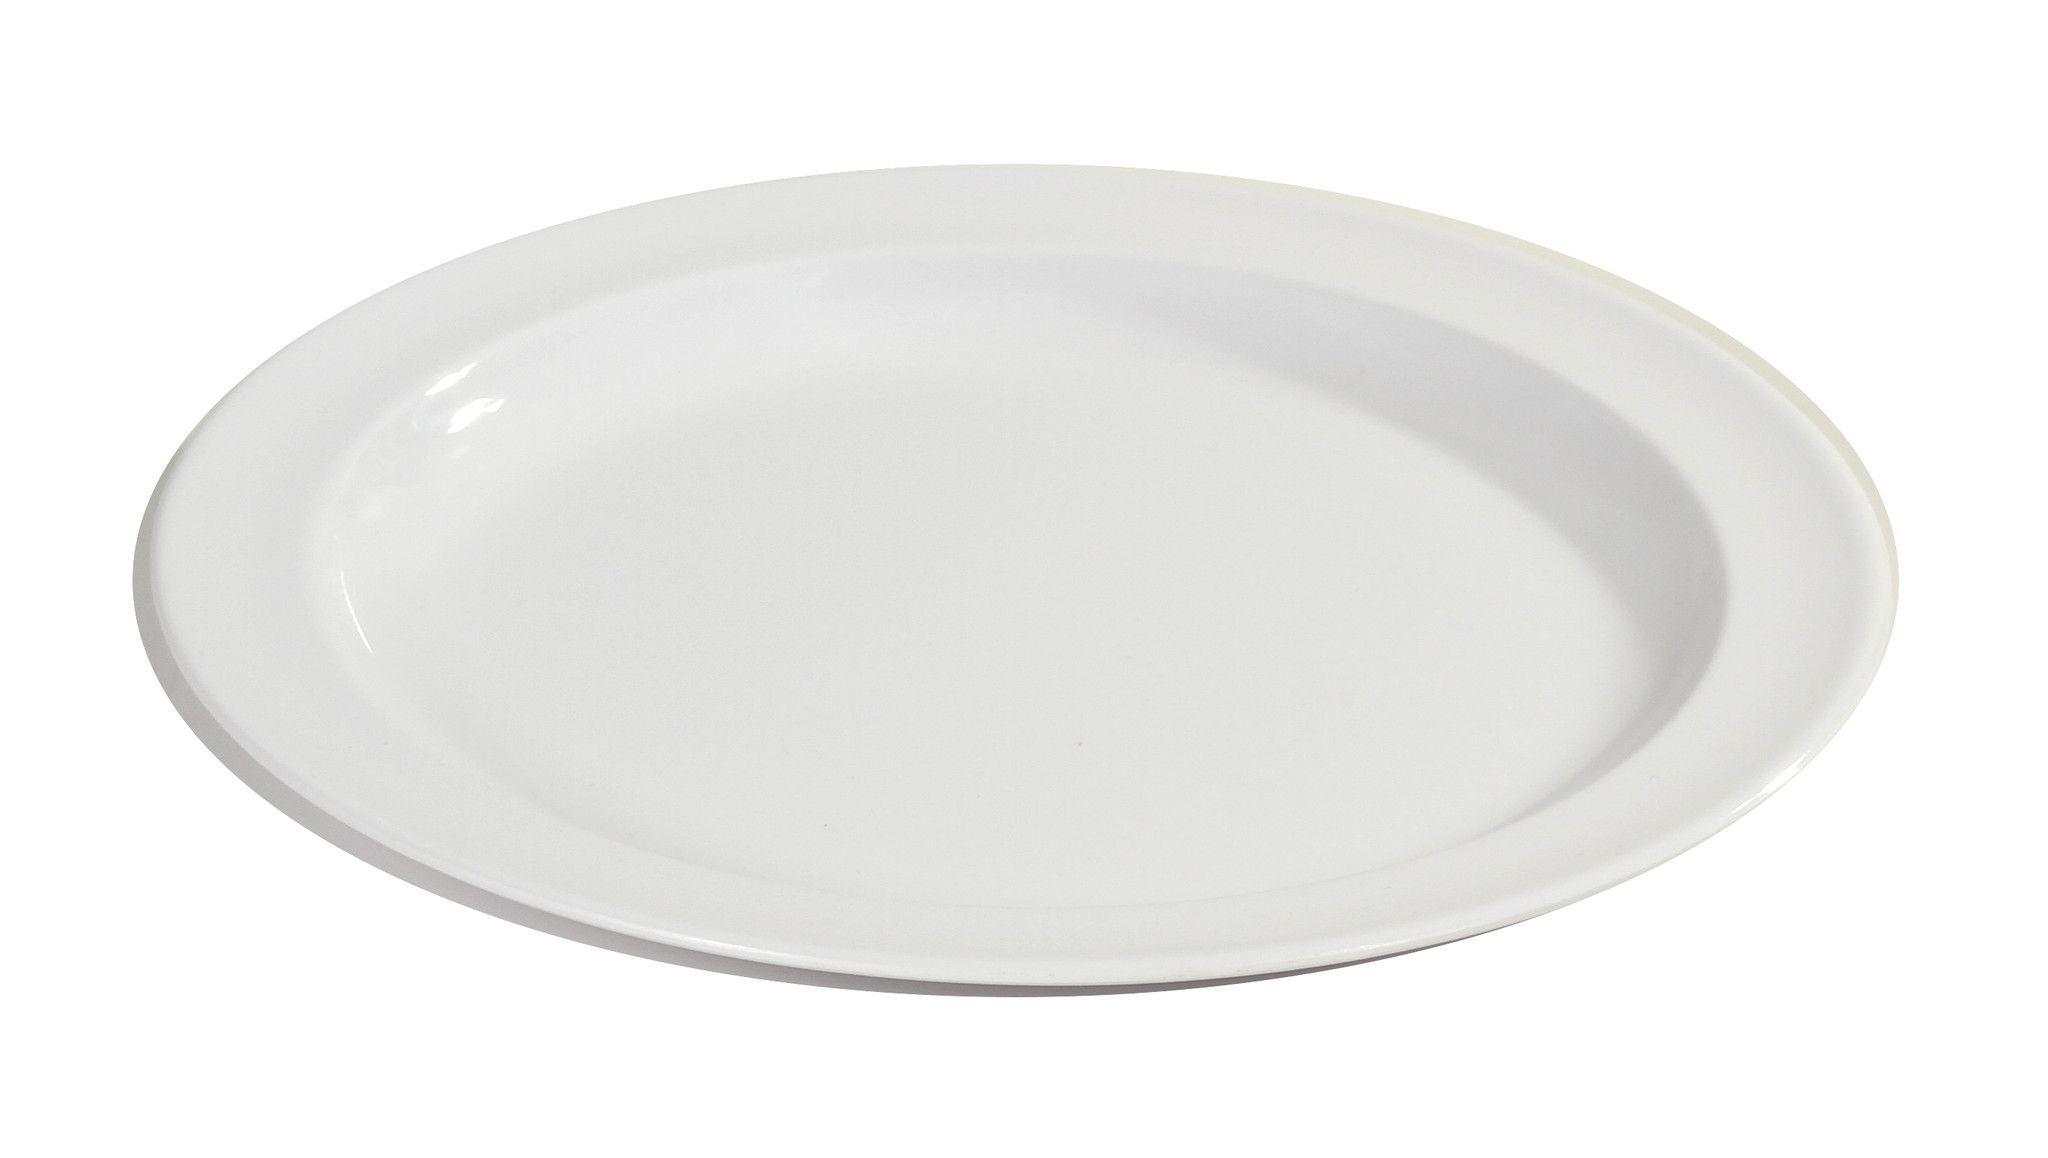 Large Plastic Plate  sc 1 st  Pinterest & Large Plastic Plate for mixing paint | Art class!! | Pinterest ...